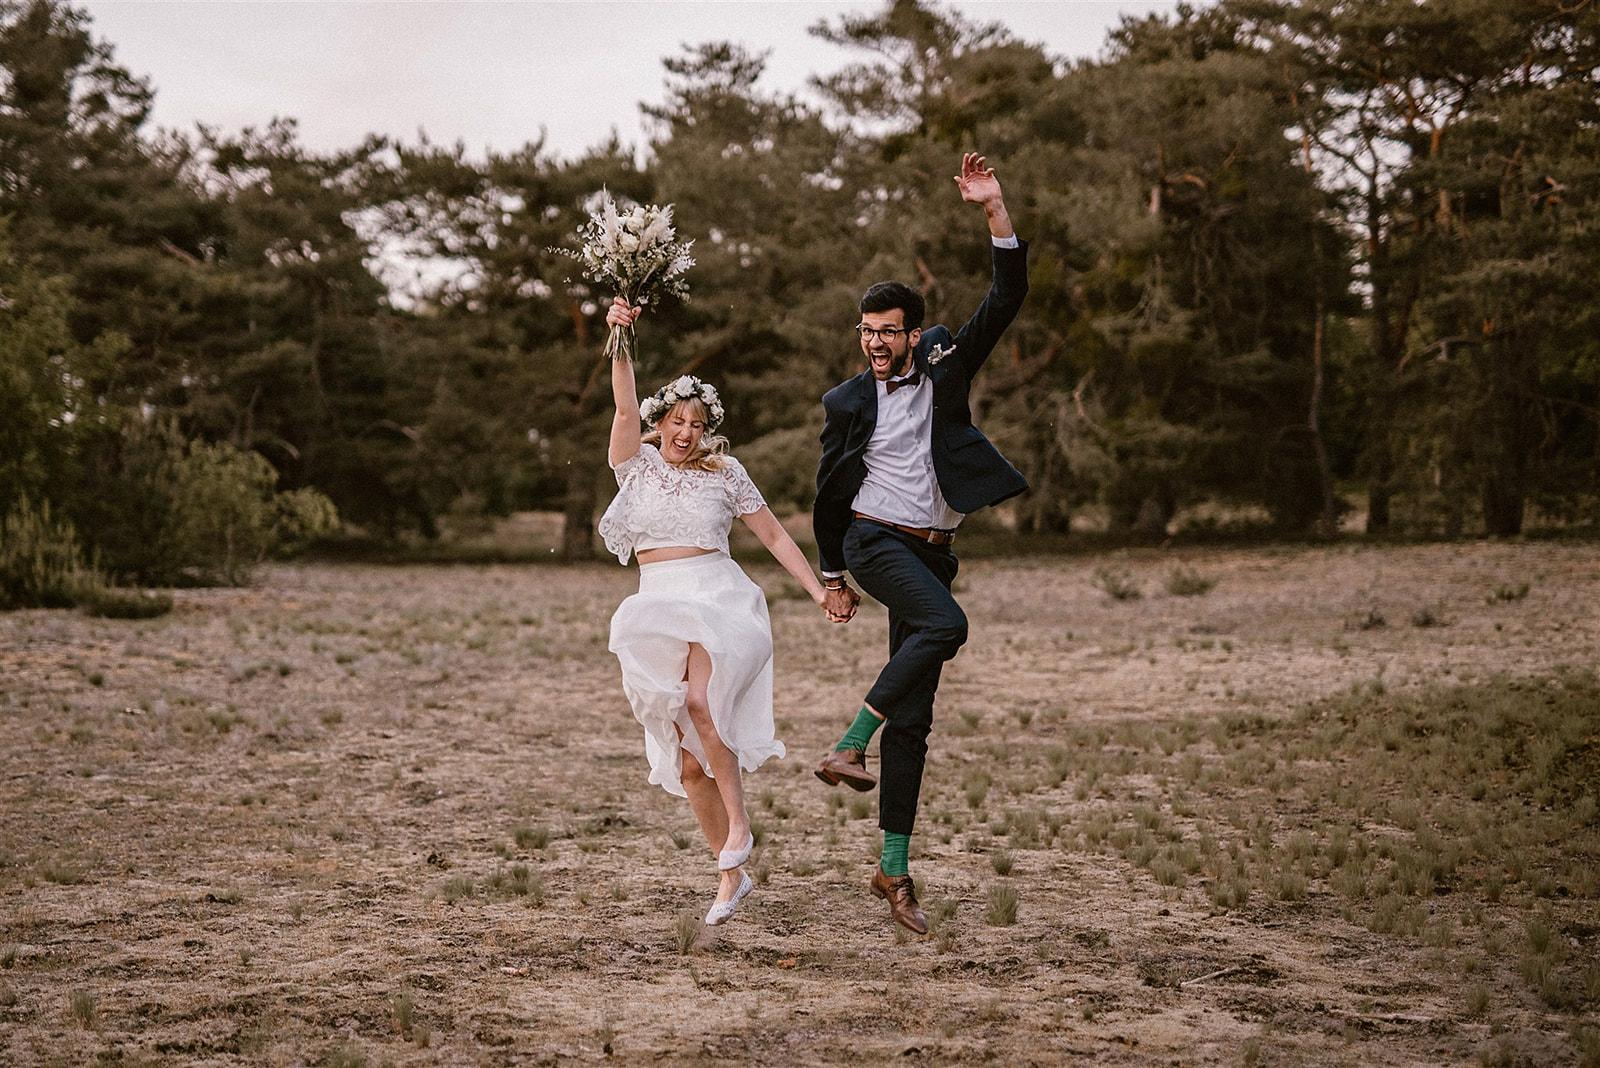 Brautpaar händchenhaltend, Hände in die Luft werfend und springend auf Feld